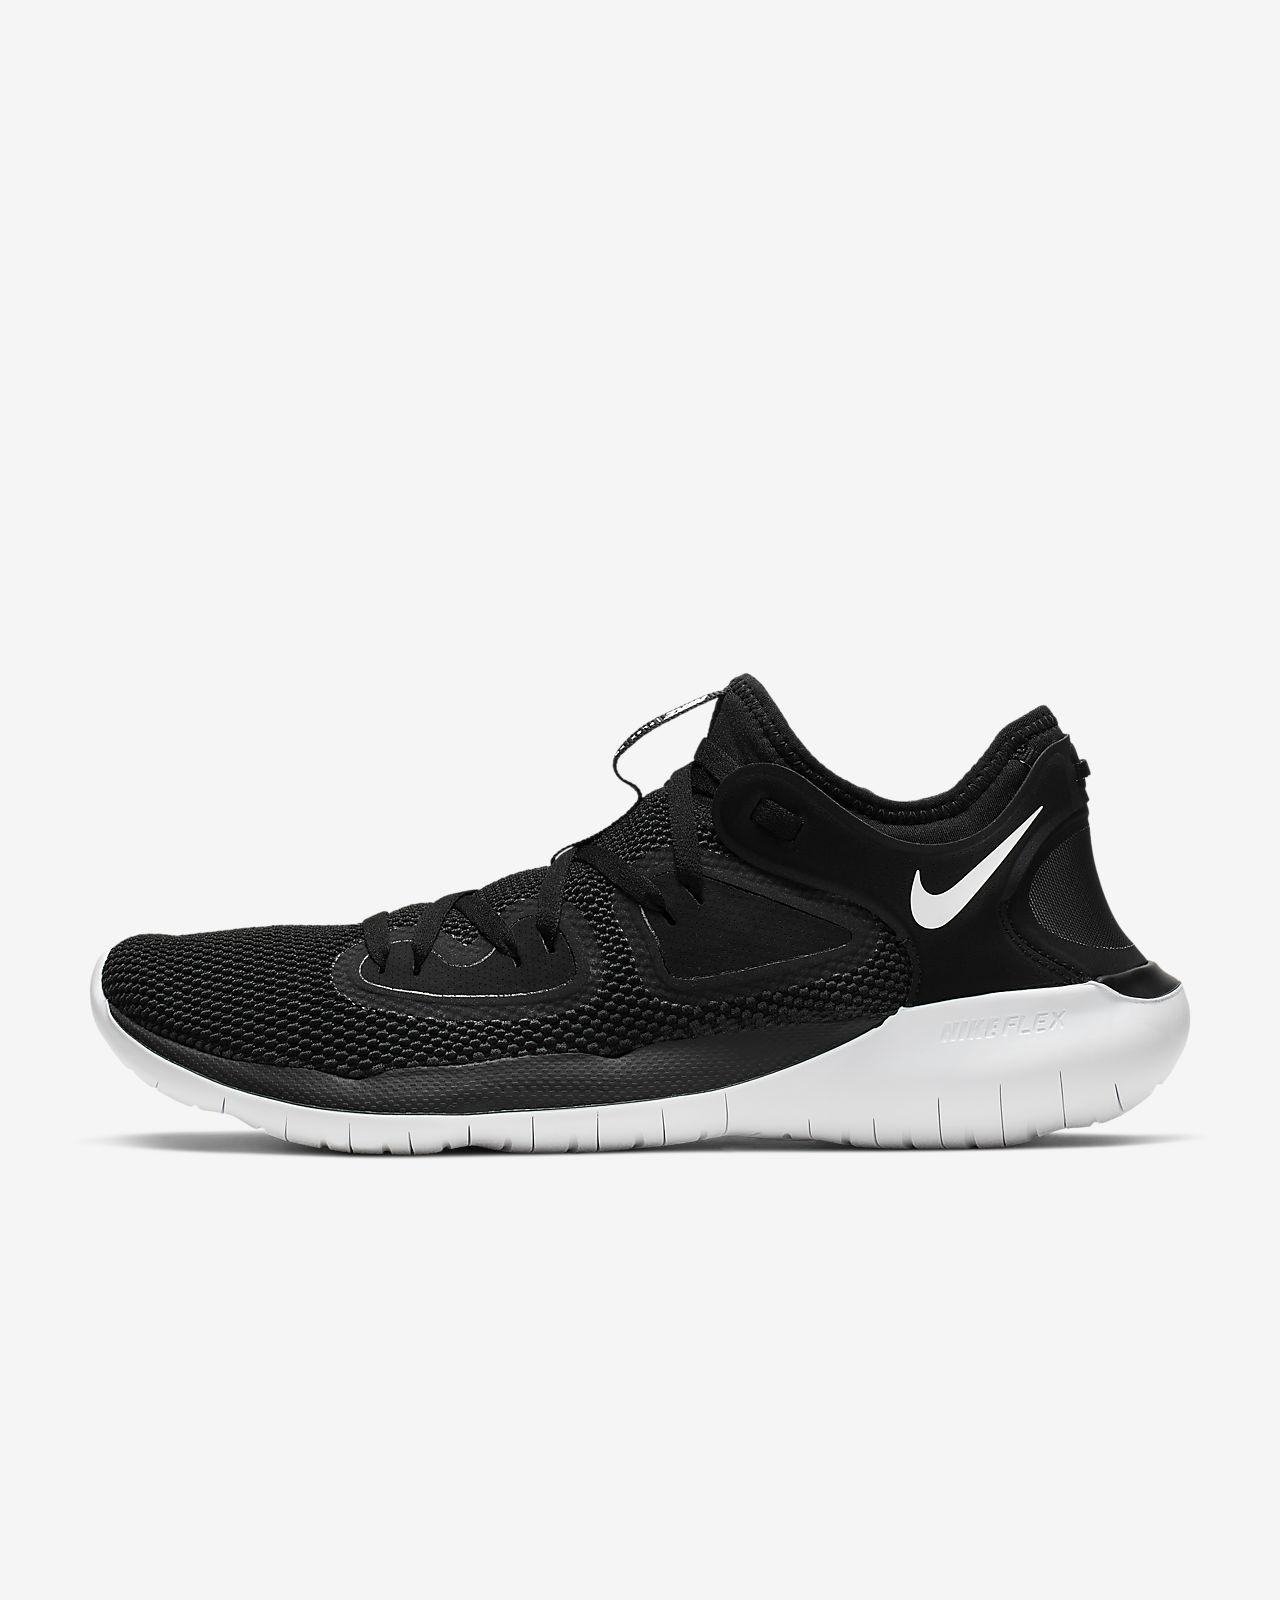 2019 Rn Flex Voor Nike HerenNl Hardloopschoen wk8nOX0P